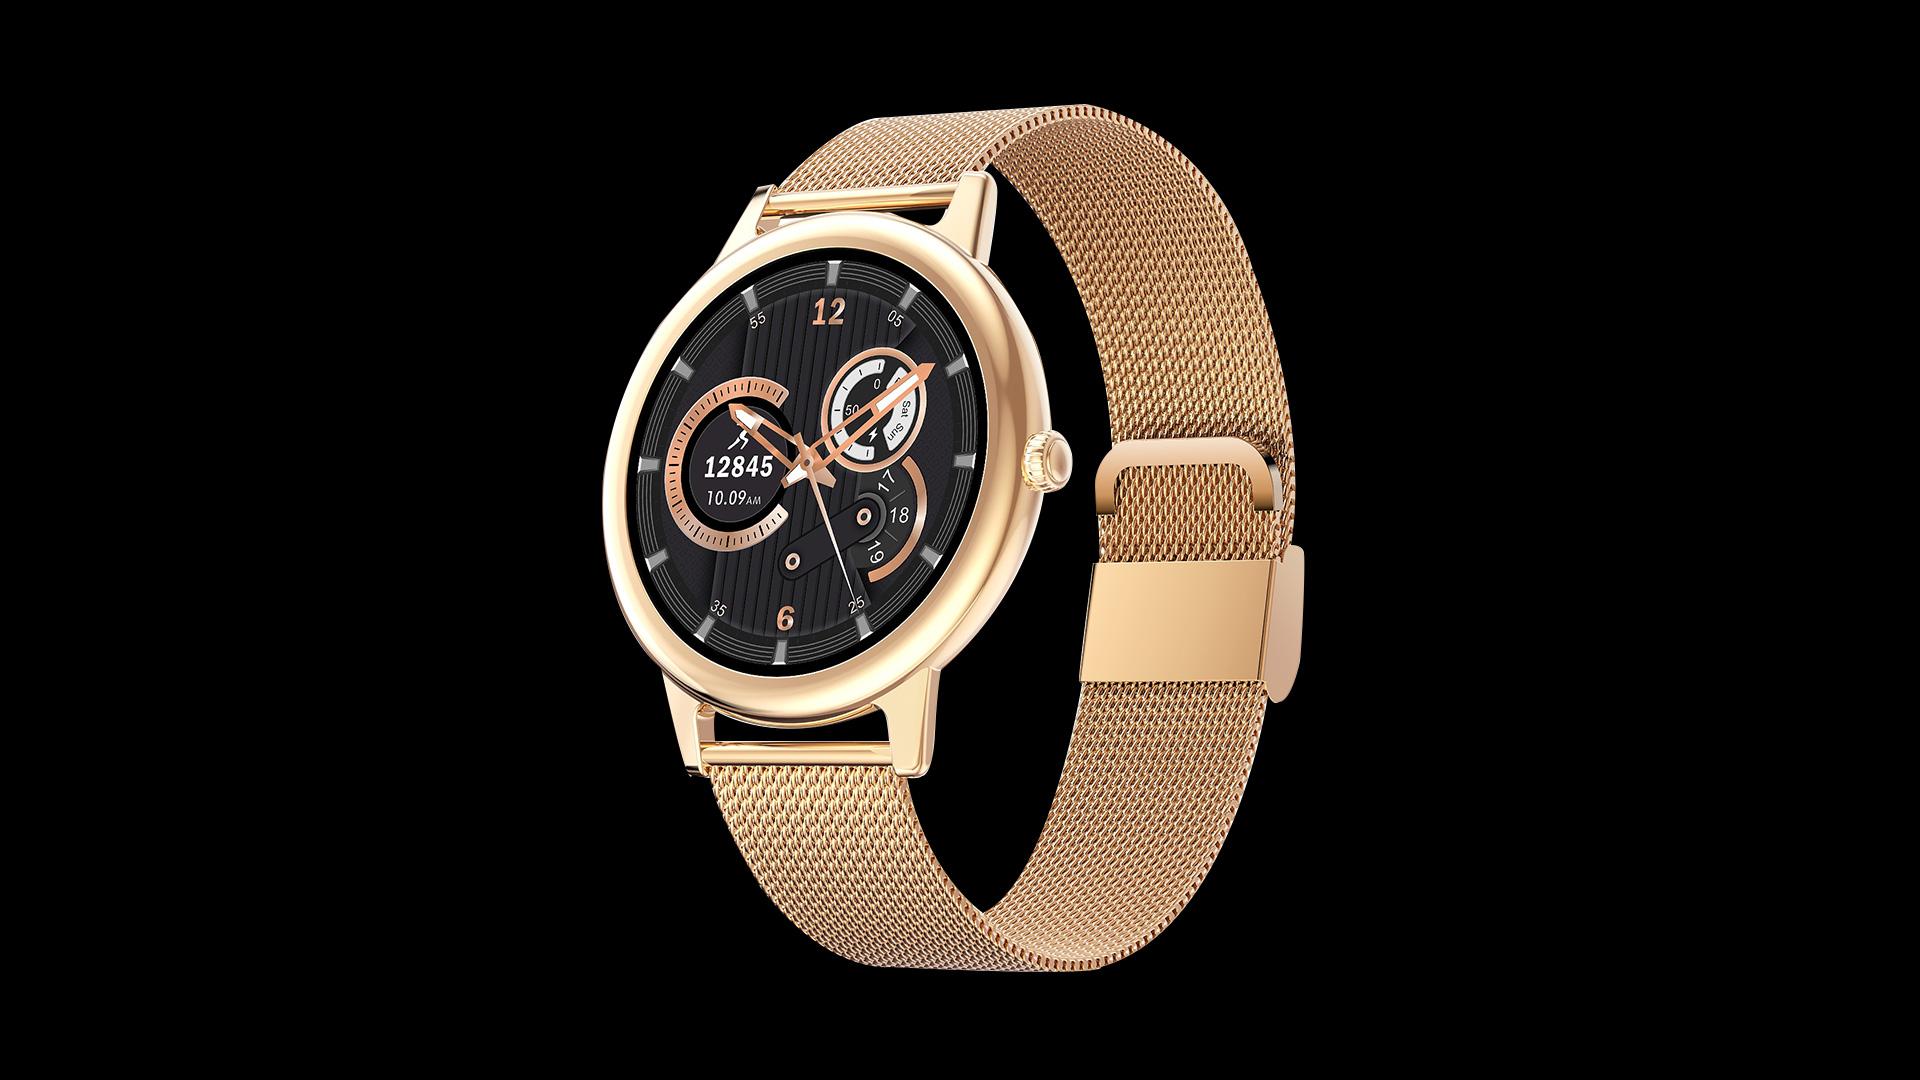 ڈاؤن لوڈ، اتارنا Smartwatch E10 بلڈ پریشر دل کی شرح مانیٹر کھیلوں کی دیکھ بھال کال یاد دہانی IP68 فیشن کڑا لیڈی خواتین لڑکیوں کے لئے OEM اسمارٹ واچ